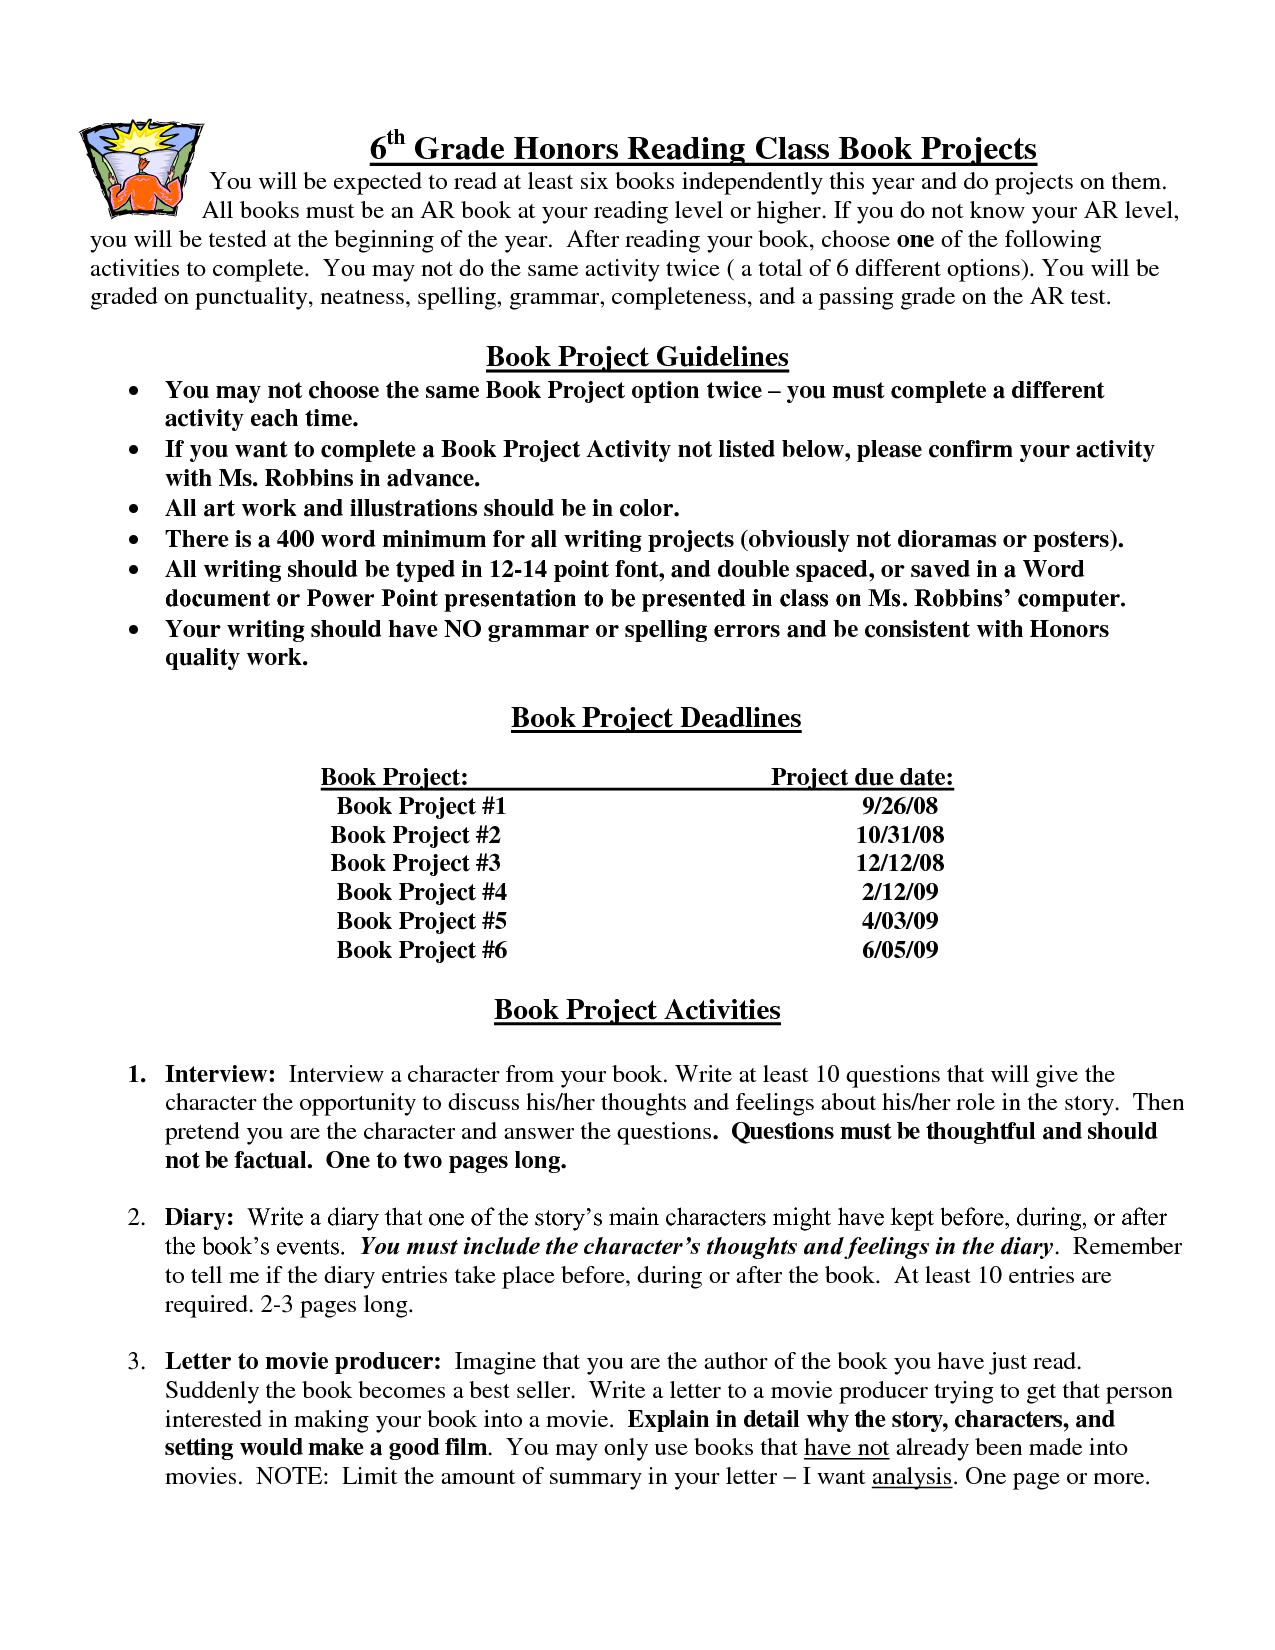 14 Best Images of Grade 4 Social Studies Worksheets  6th Grade Social Studies Worksheets, 2nd